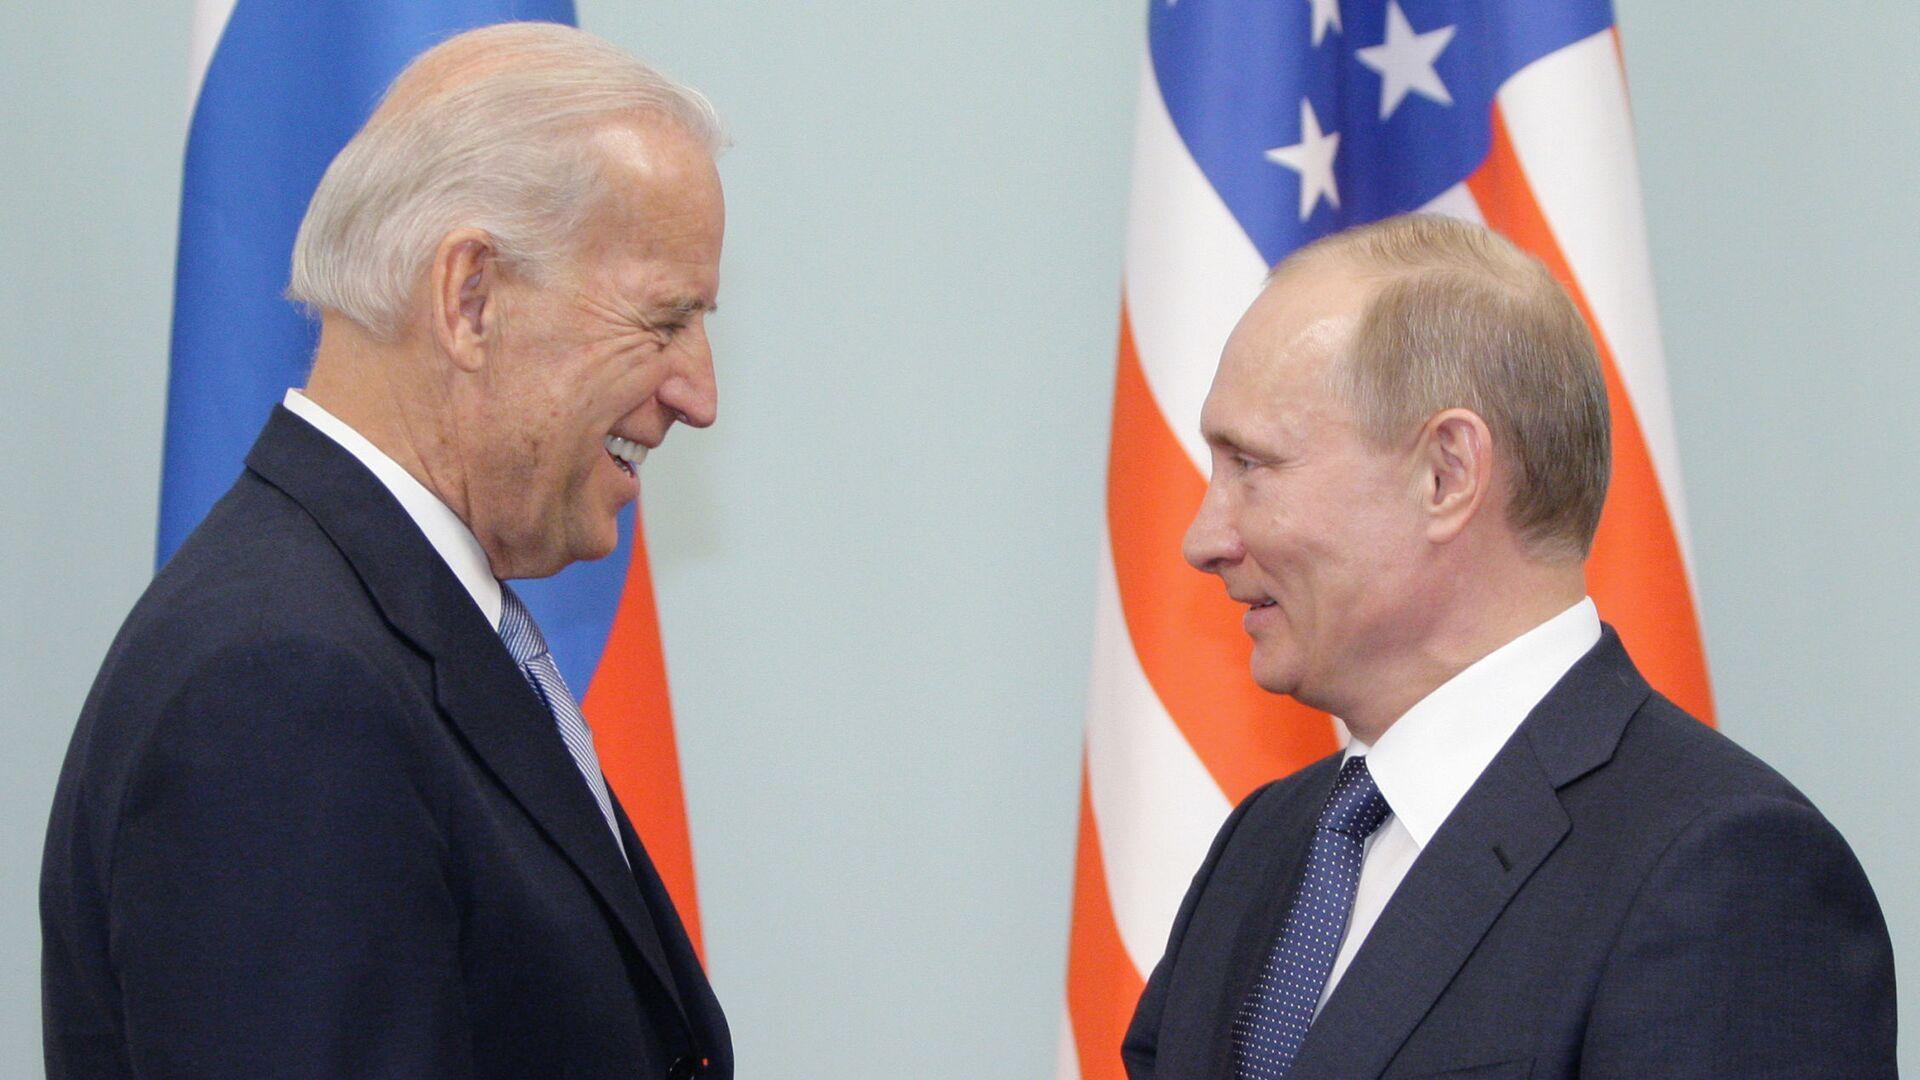 Встреча Владимира Путина с Джозефом Байденом в Москве, 2011 - Sputnik Latvija, 1920, 27.05.2021